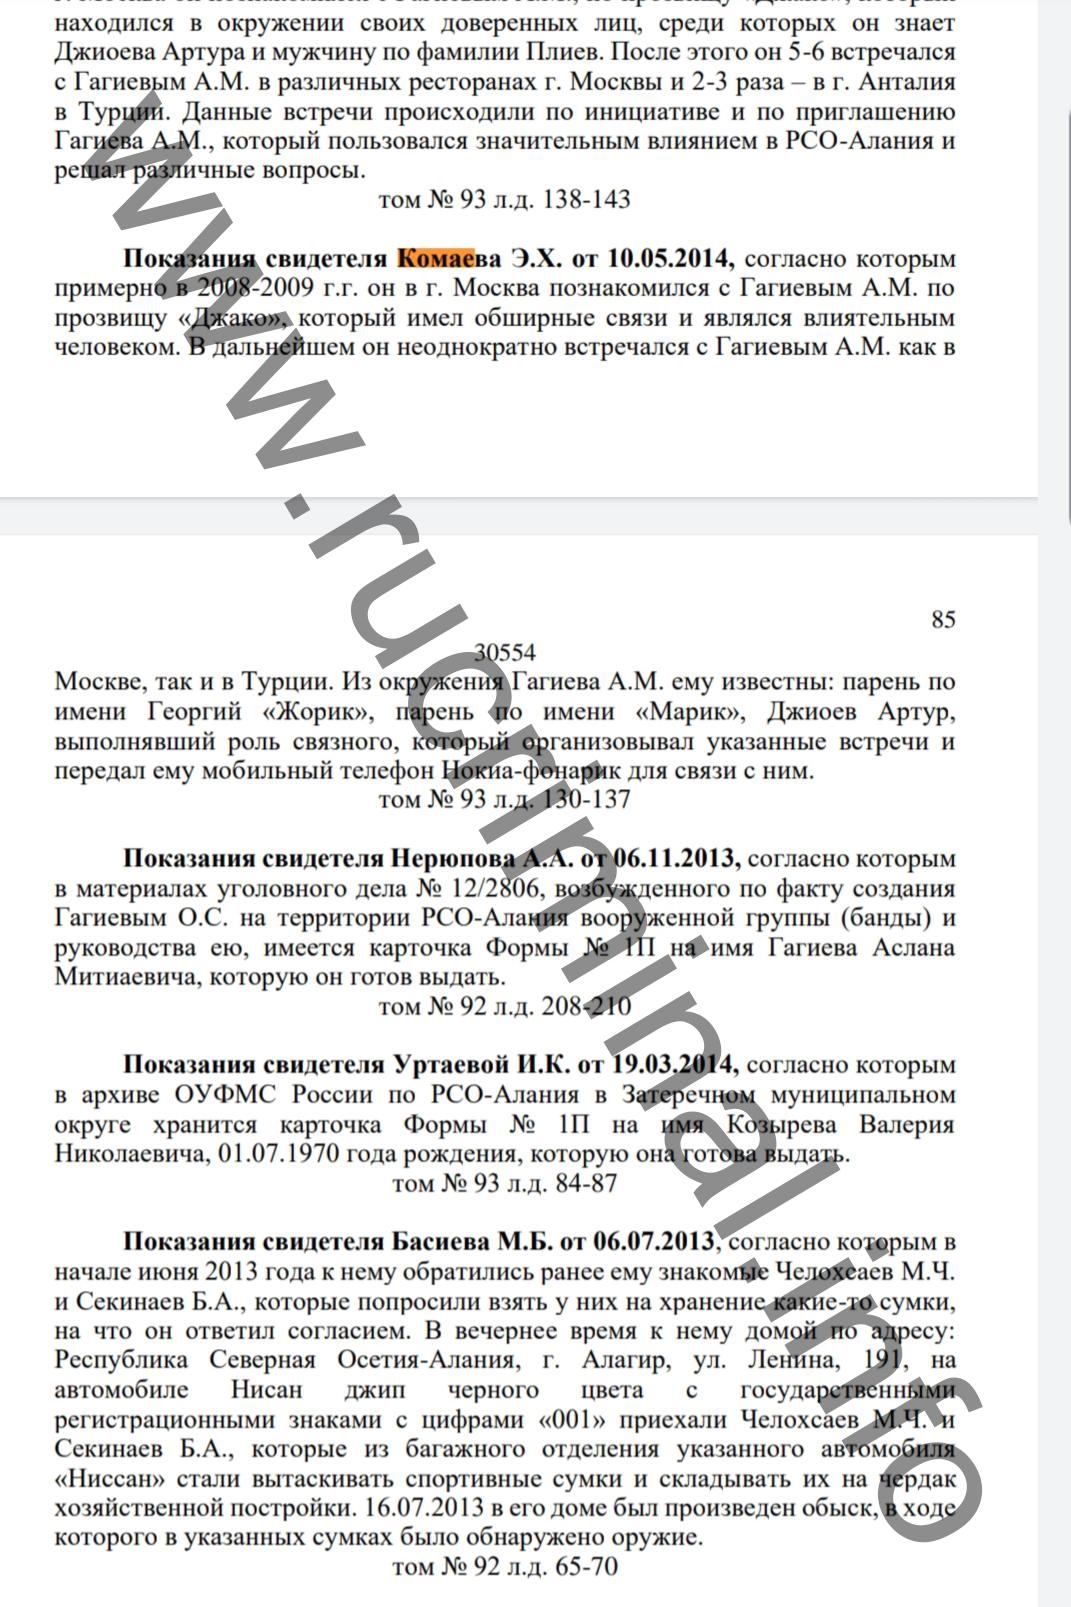 Вячеслав Битаров: Убил, получил приговор, стал чиновником в Северной Осетии 4